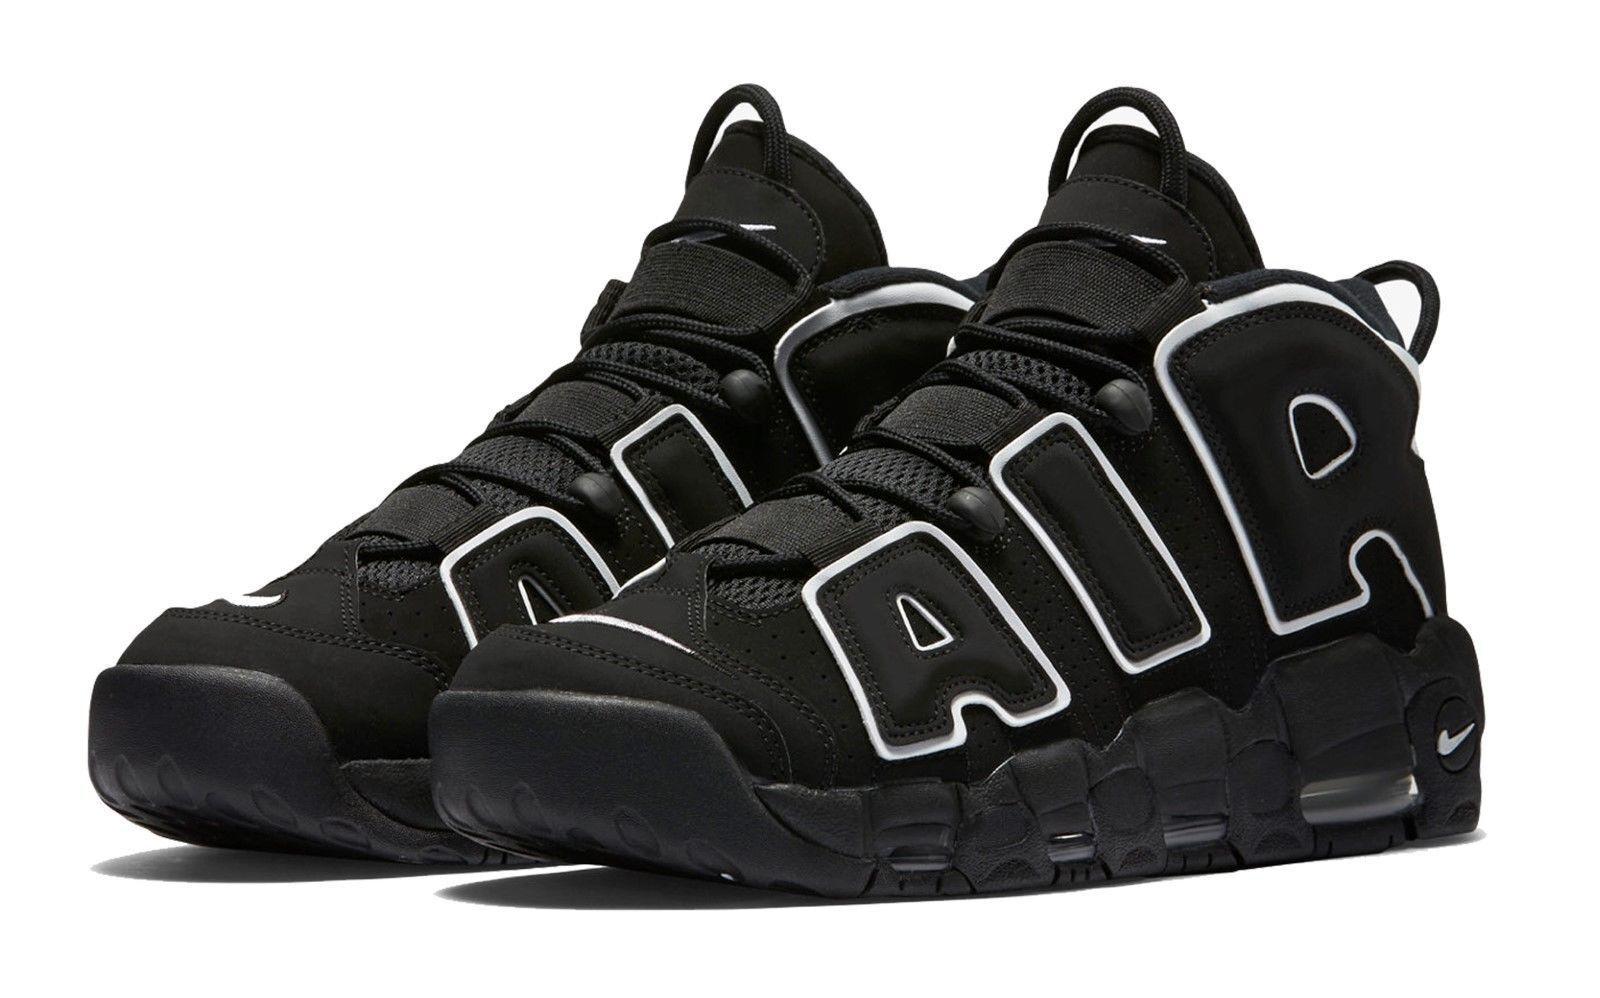 New 2016 Nike Black AIR MORE UPTEMPO Scottie Pippen 1996 Retro Sneakers Mens 12